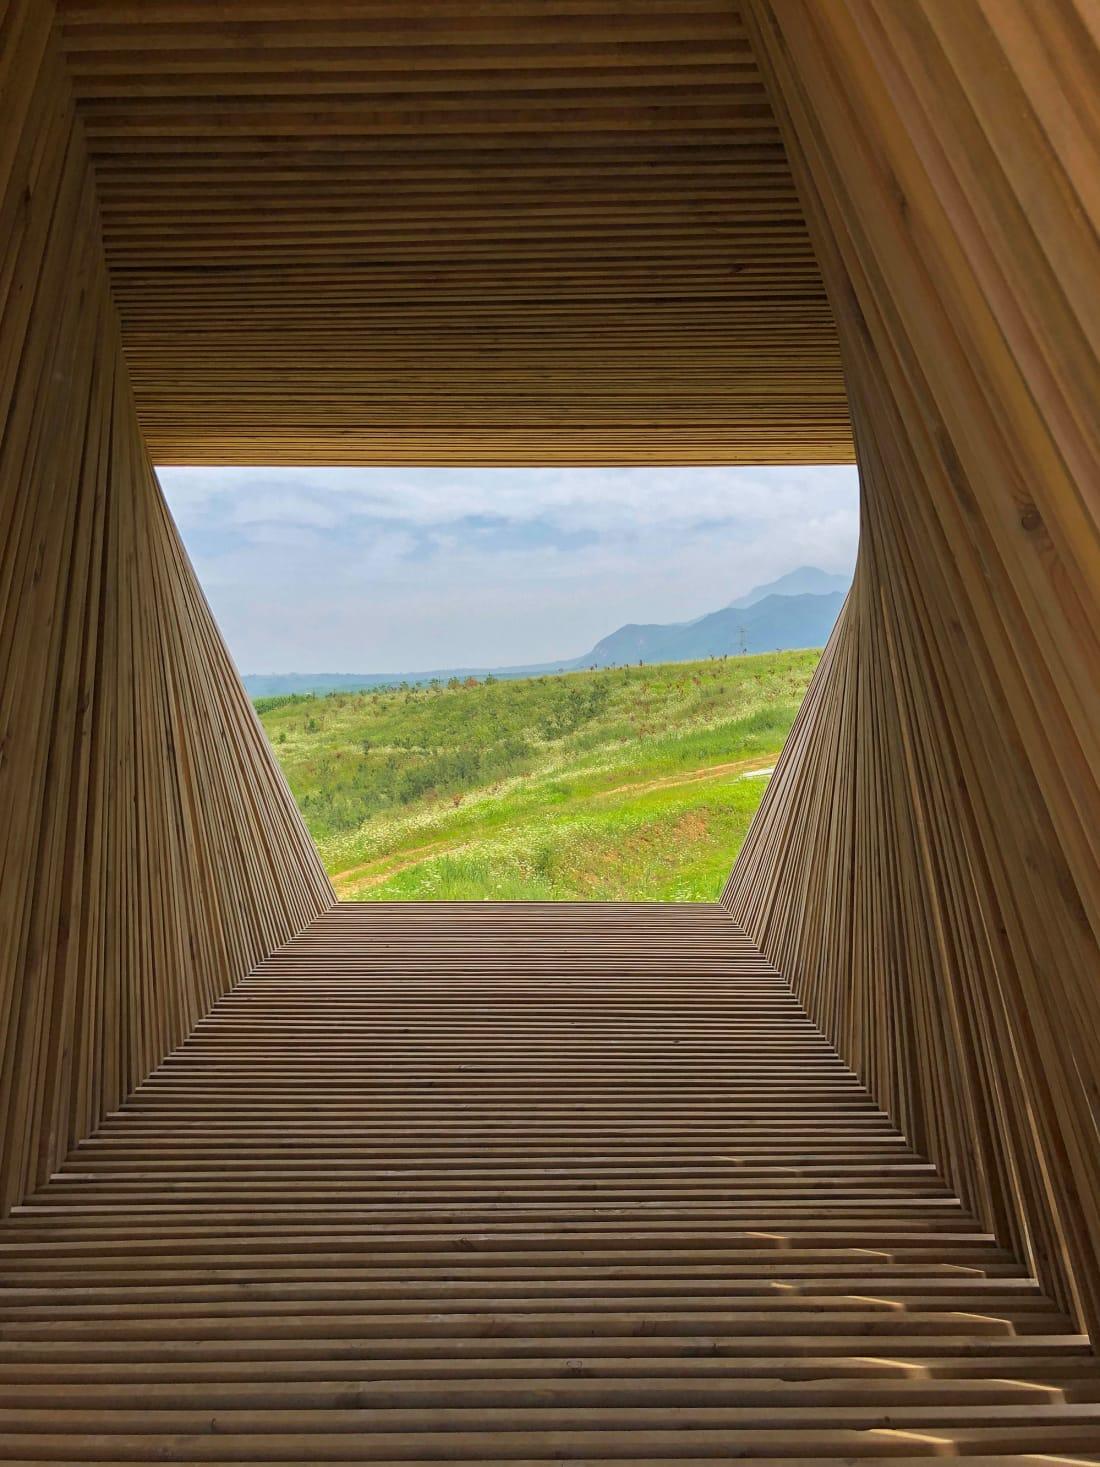 http___cdn.cnn.com_cnnnext_dam_assets_191106223233-11-architectural-photography-awards